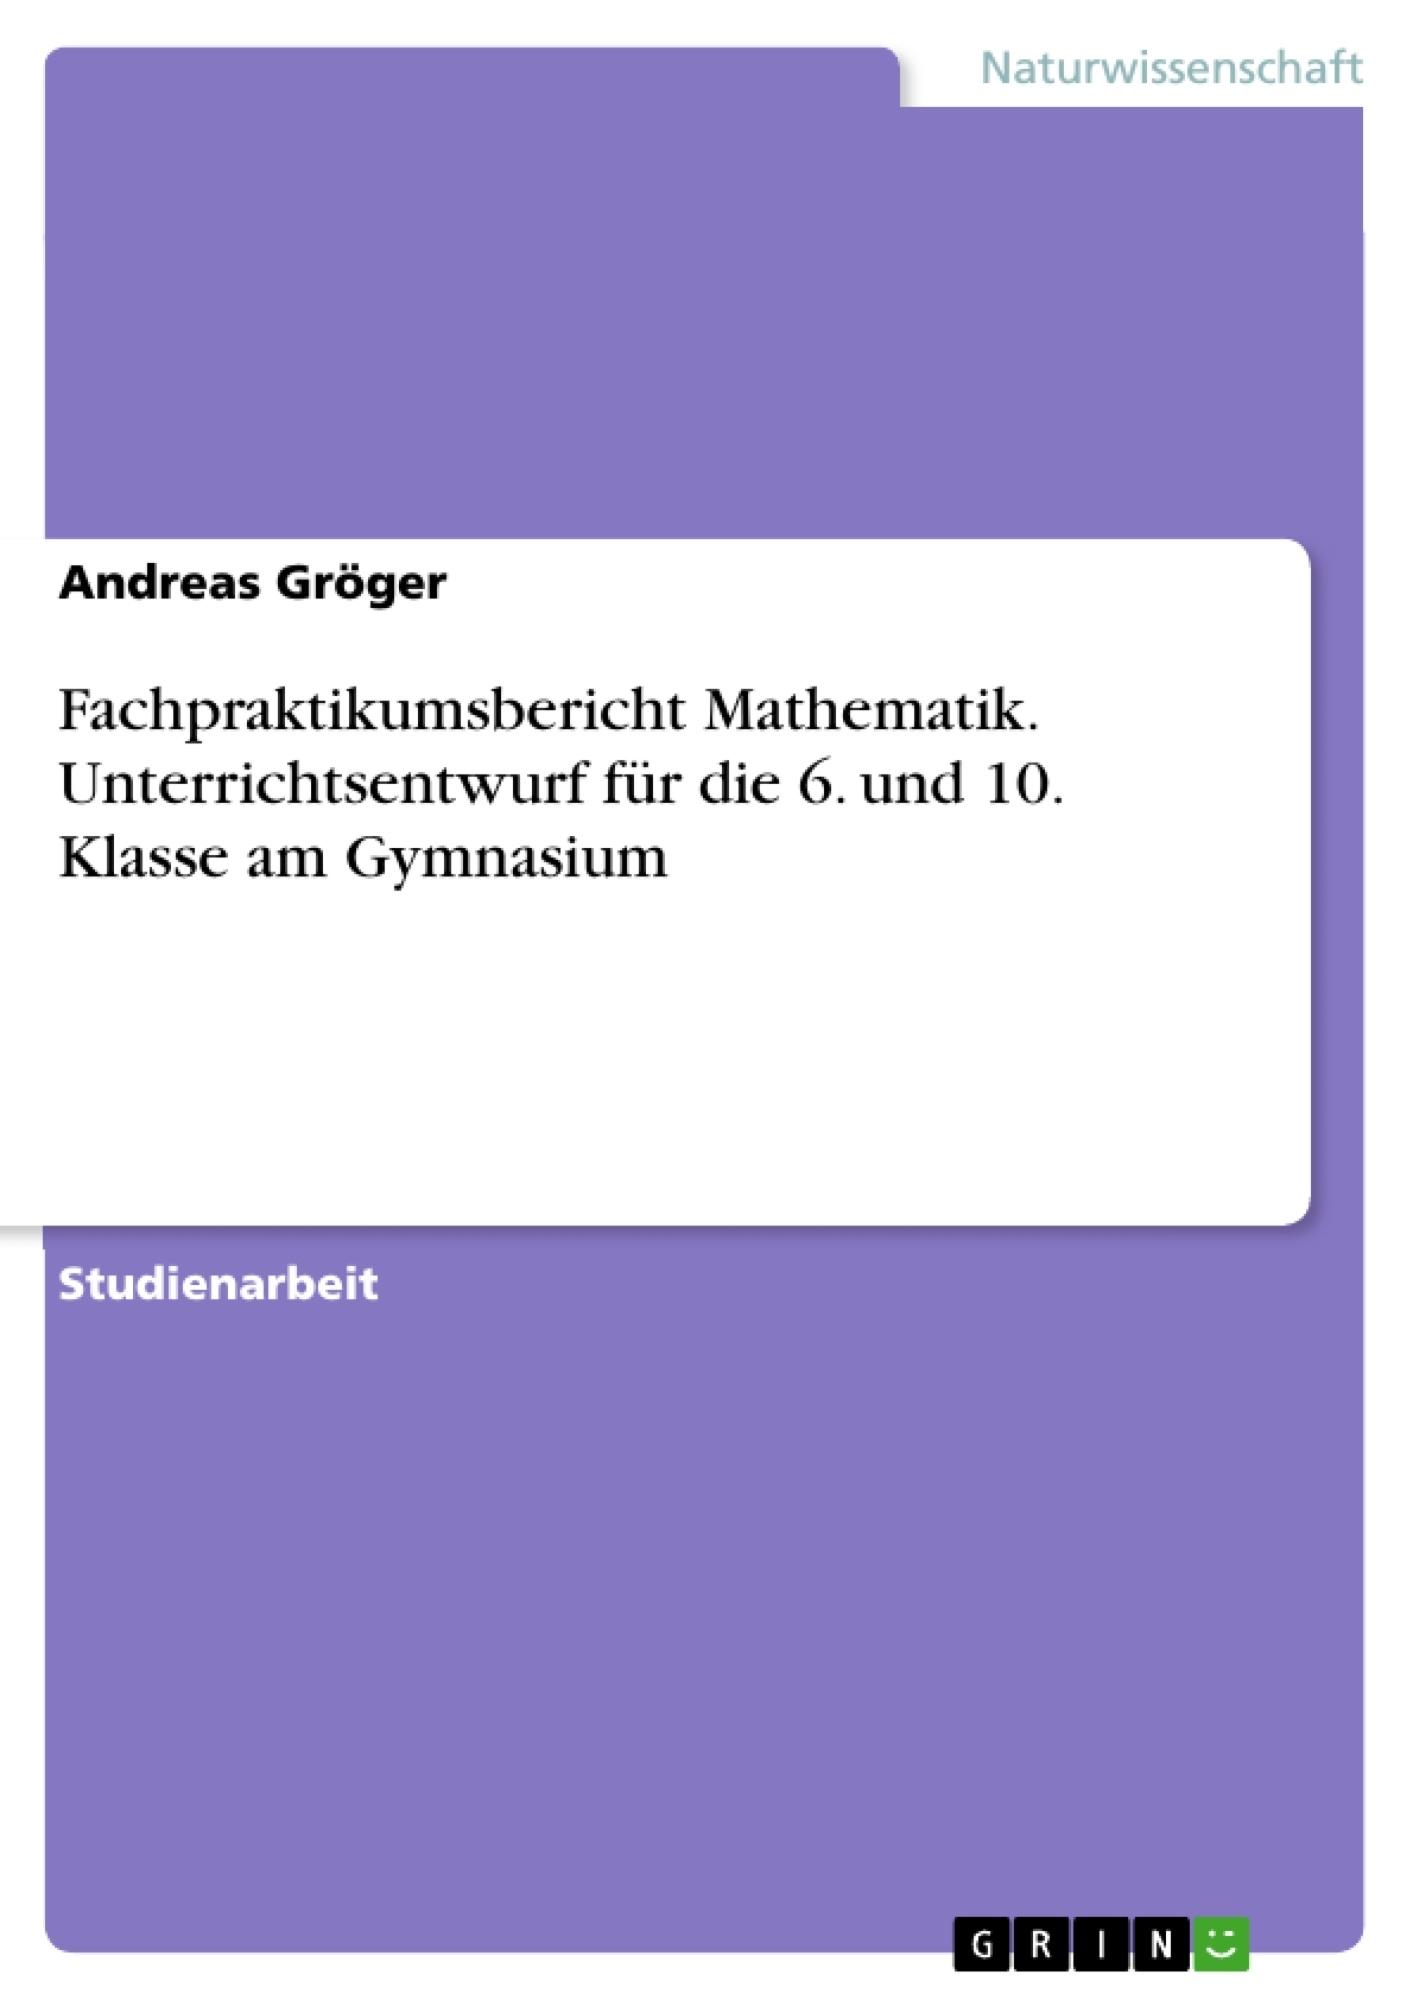 Fachpraktikumsbericht Mathematik. Unterrichtsentwurf für die 6 ...